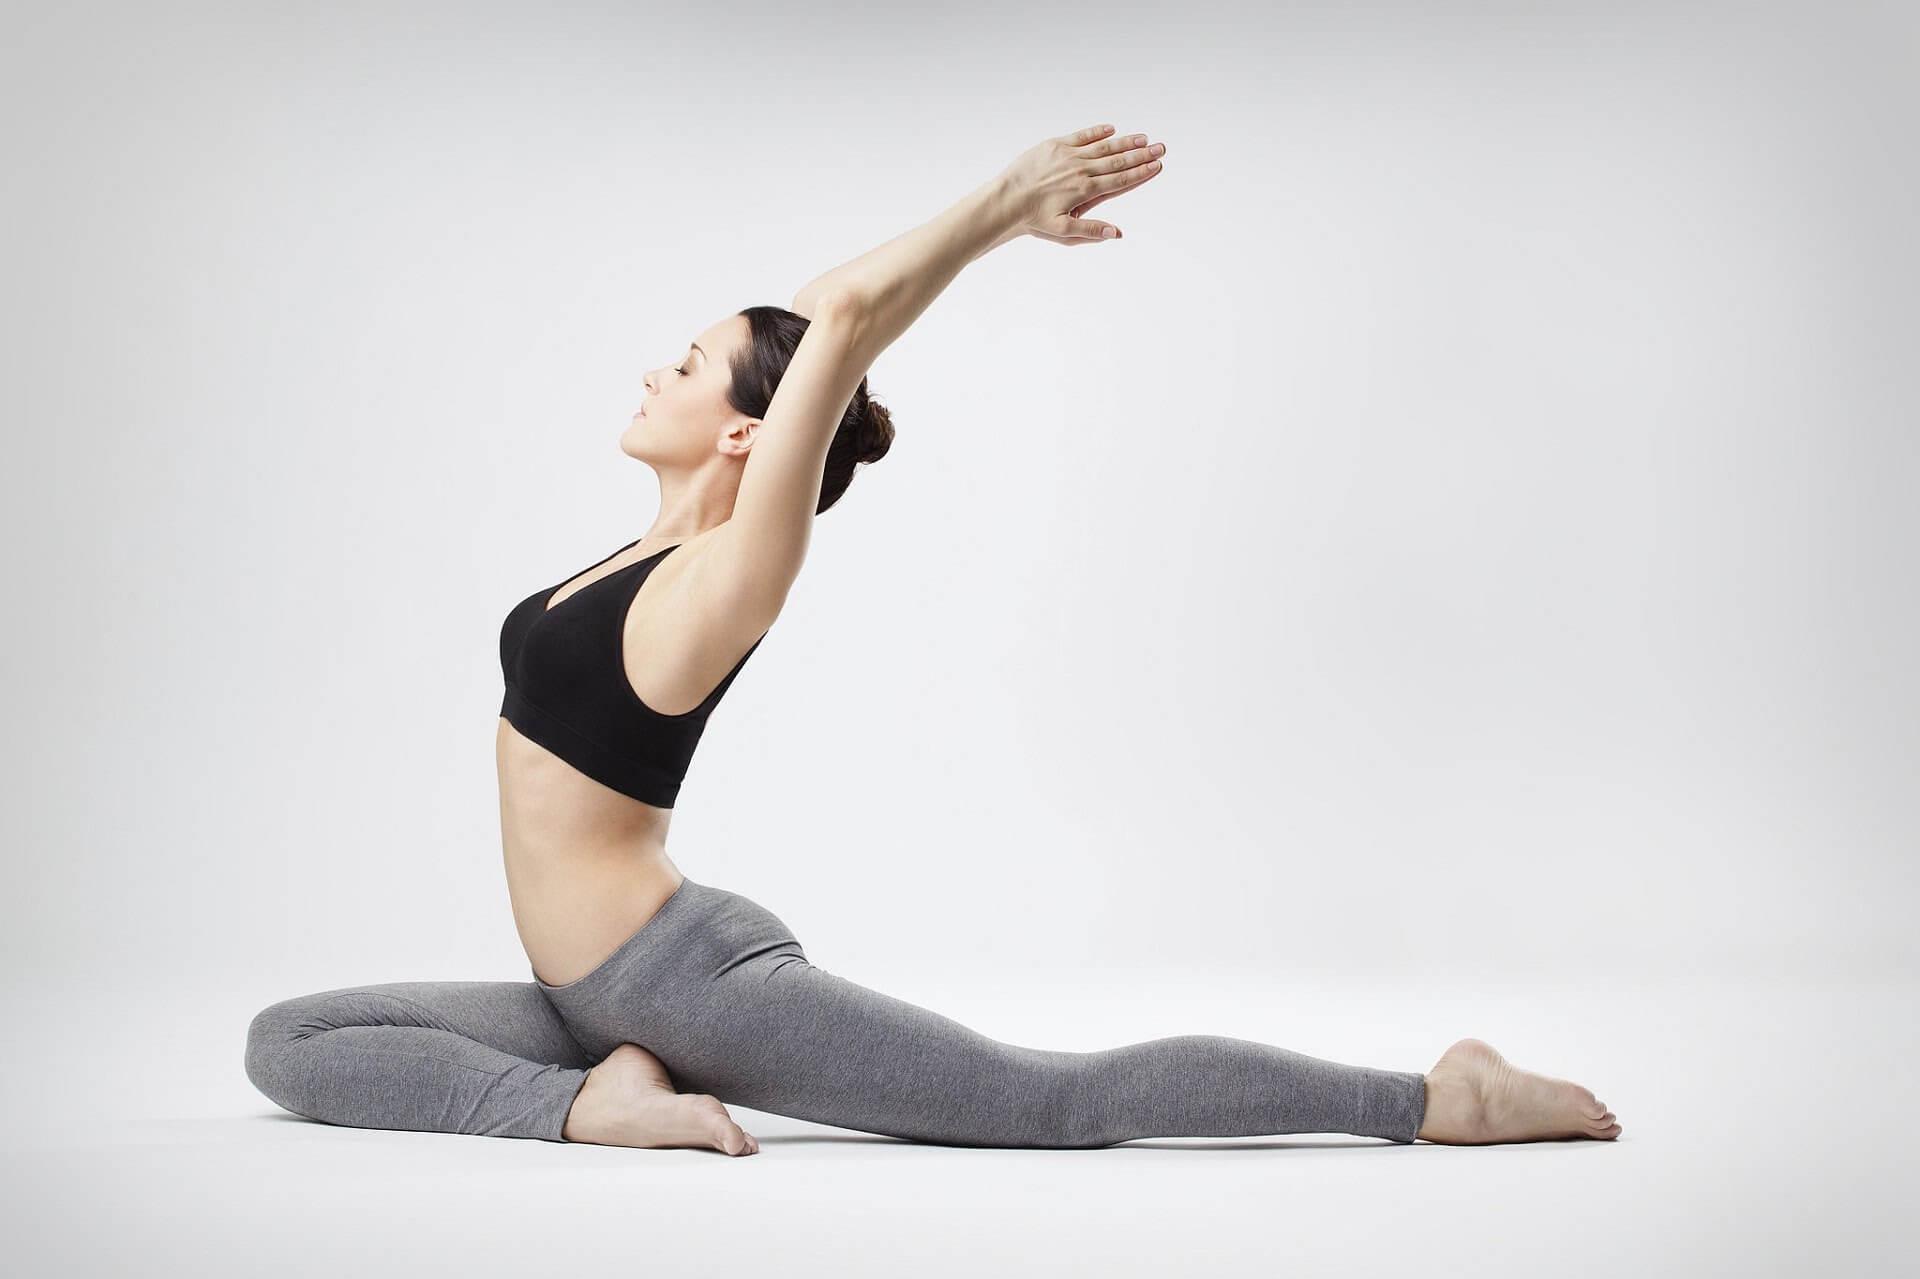 Lão hóa do căng thẳng nên tập yoga